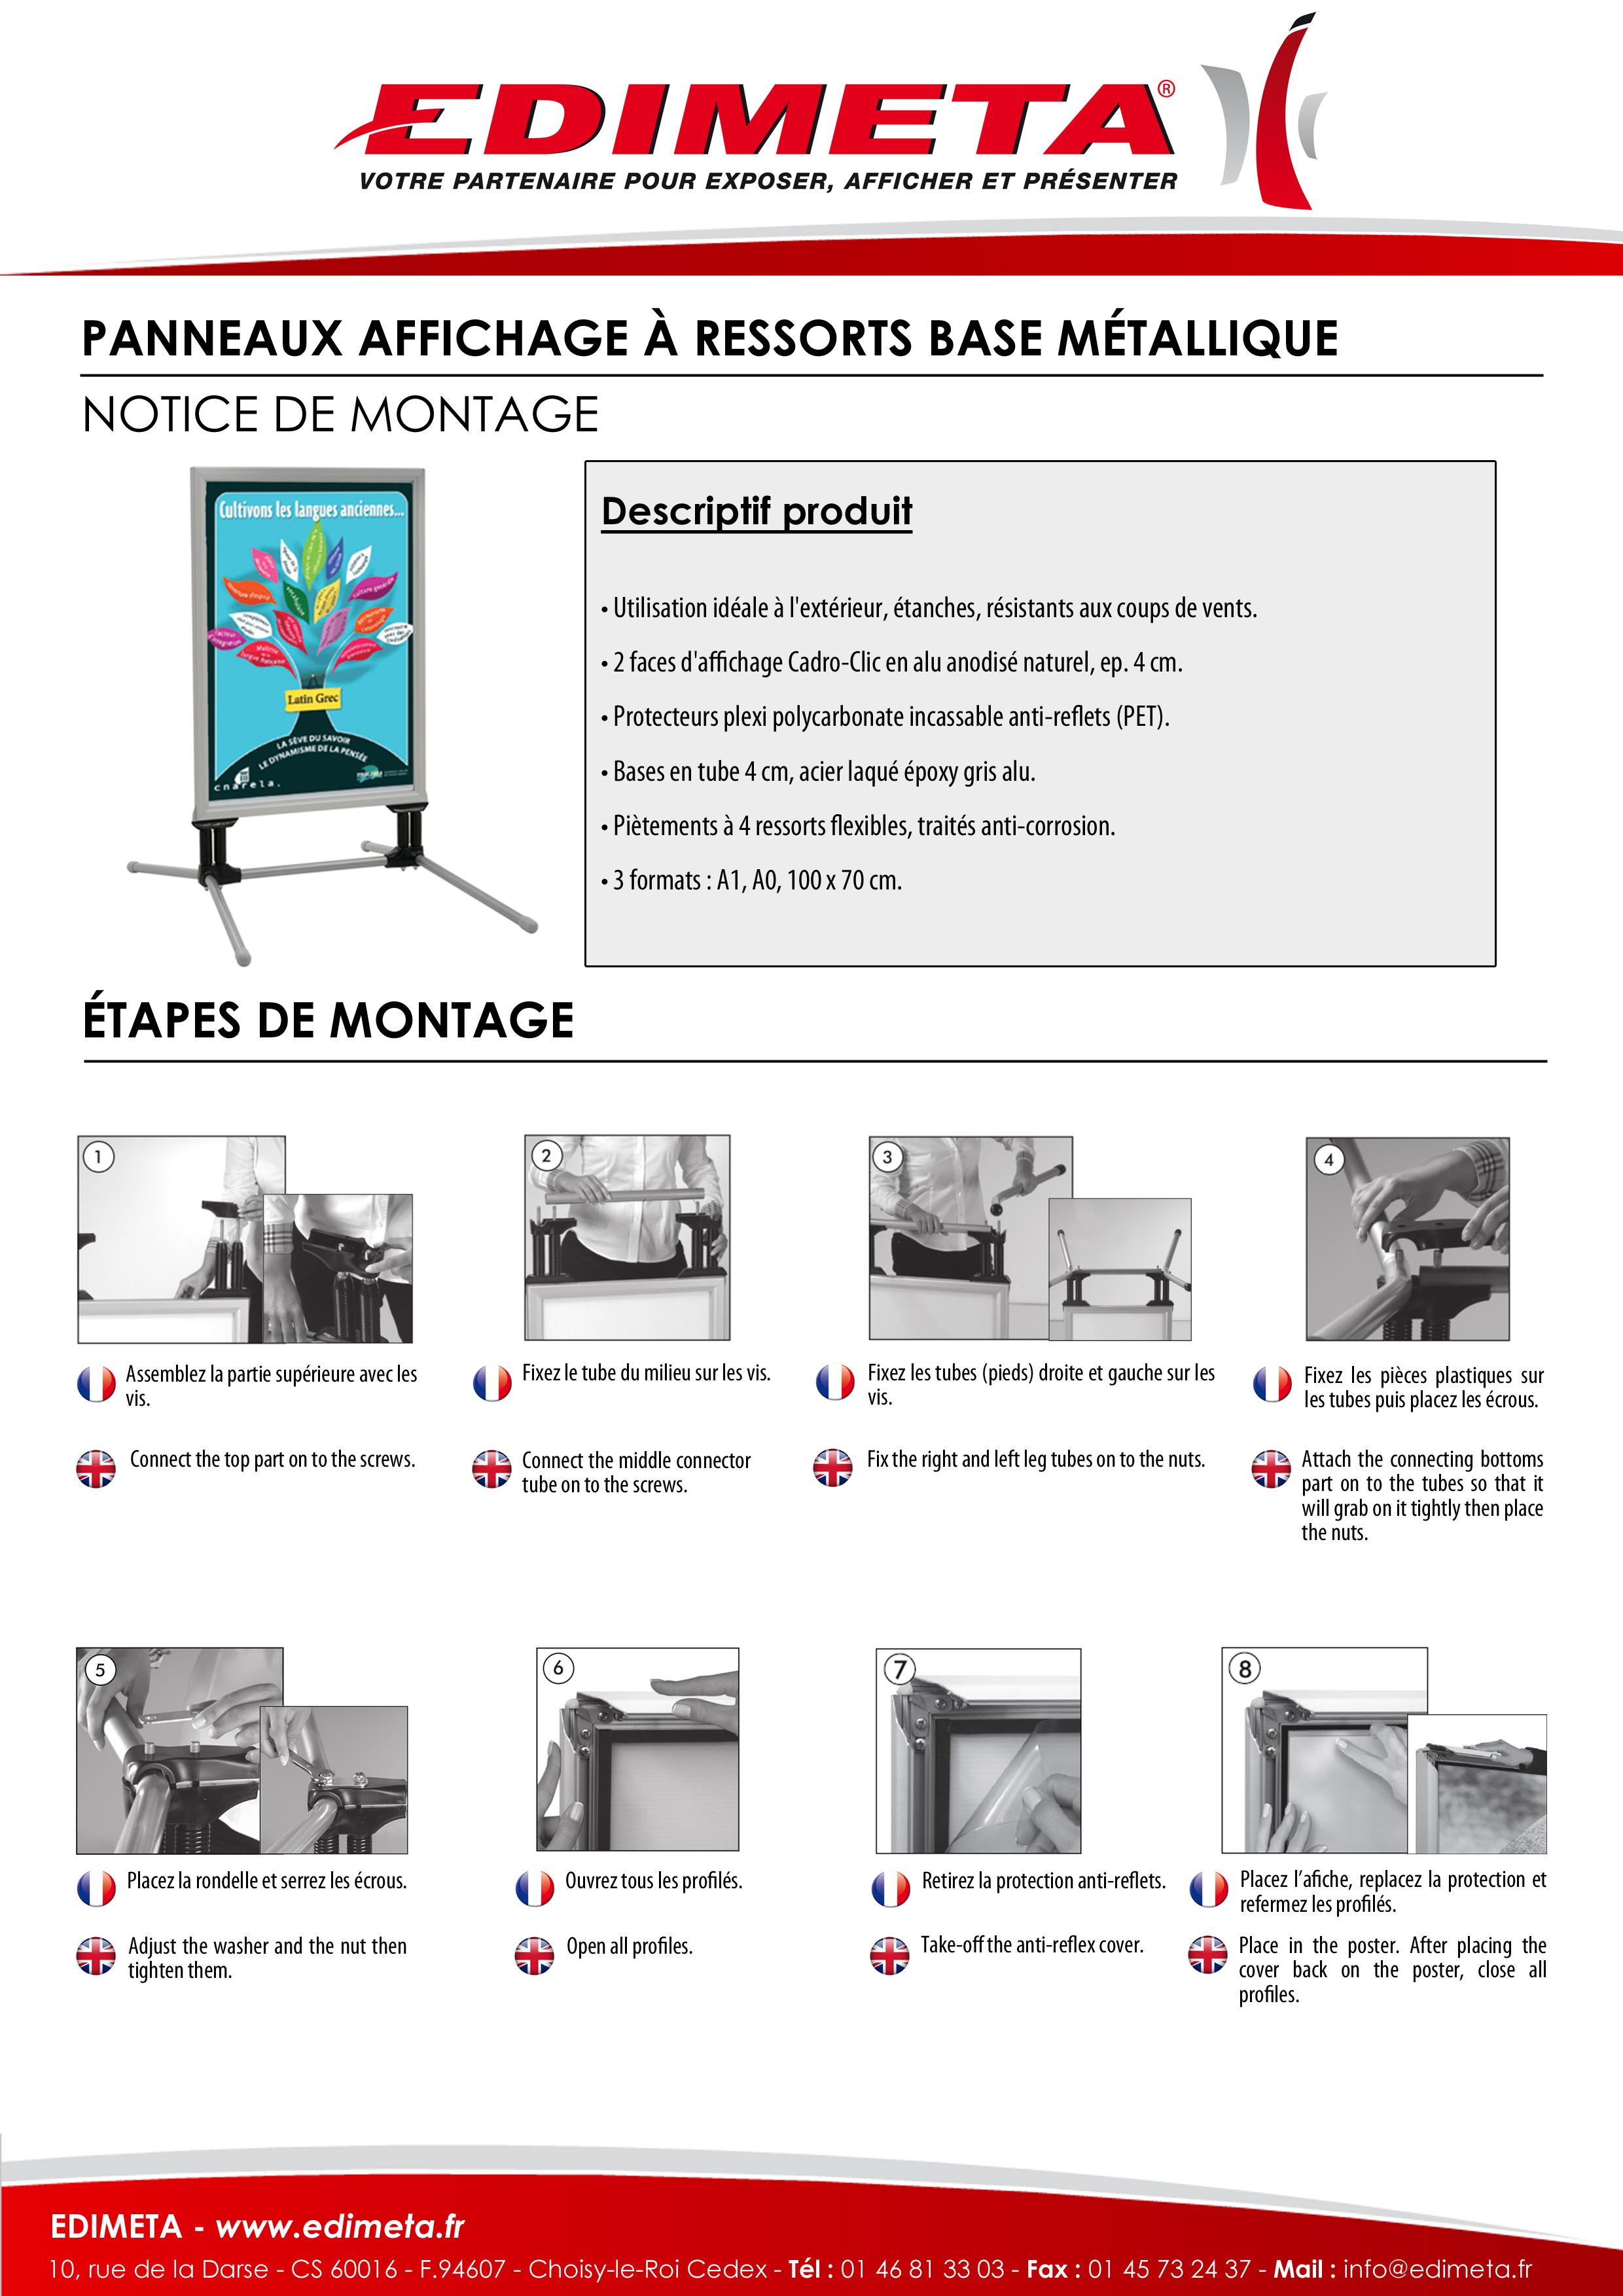 NOTICE DE MONTAGE : PANNEAUX AFFICHAGE À RESSORTS BASE MÉTALLIQUE